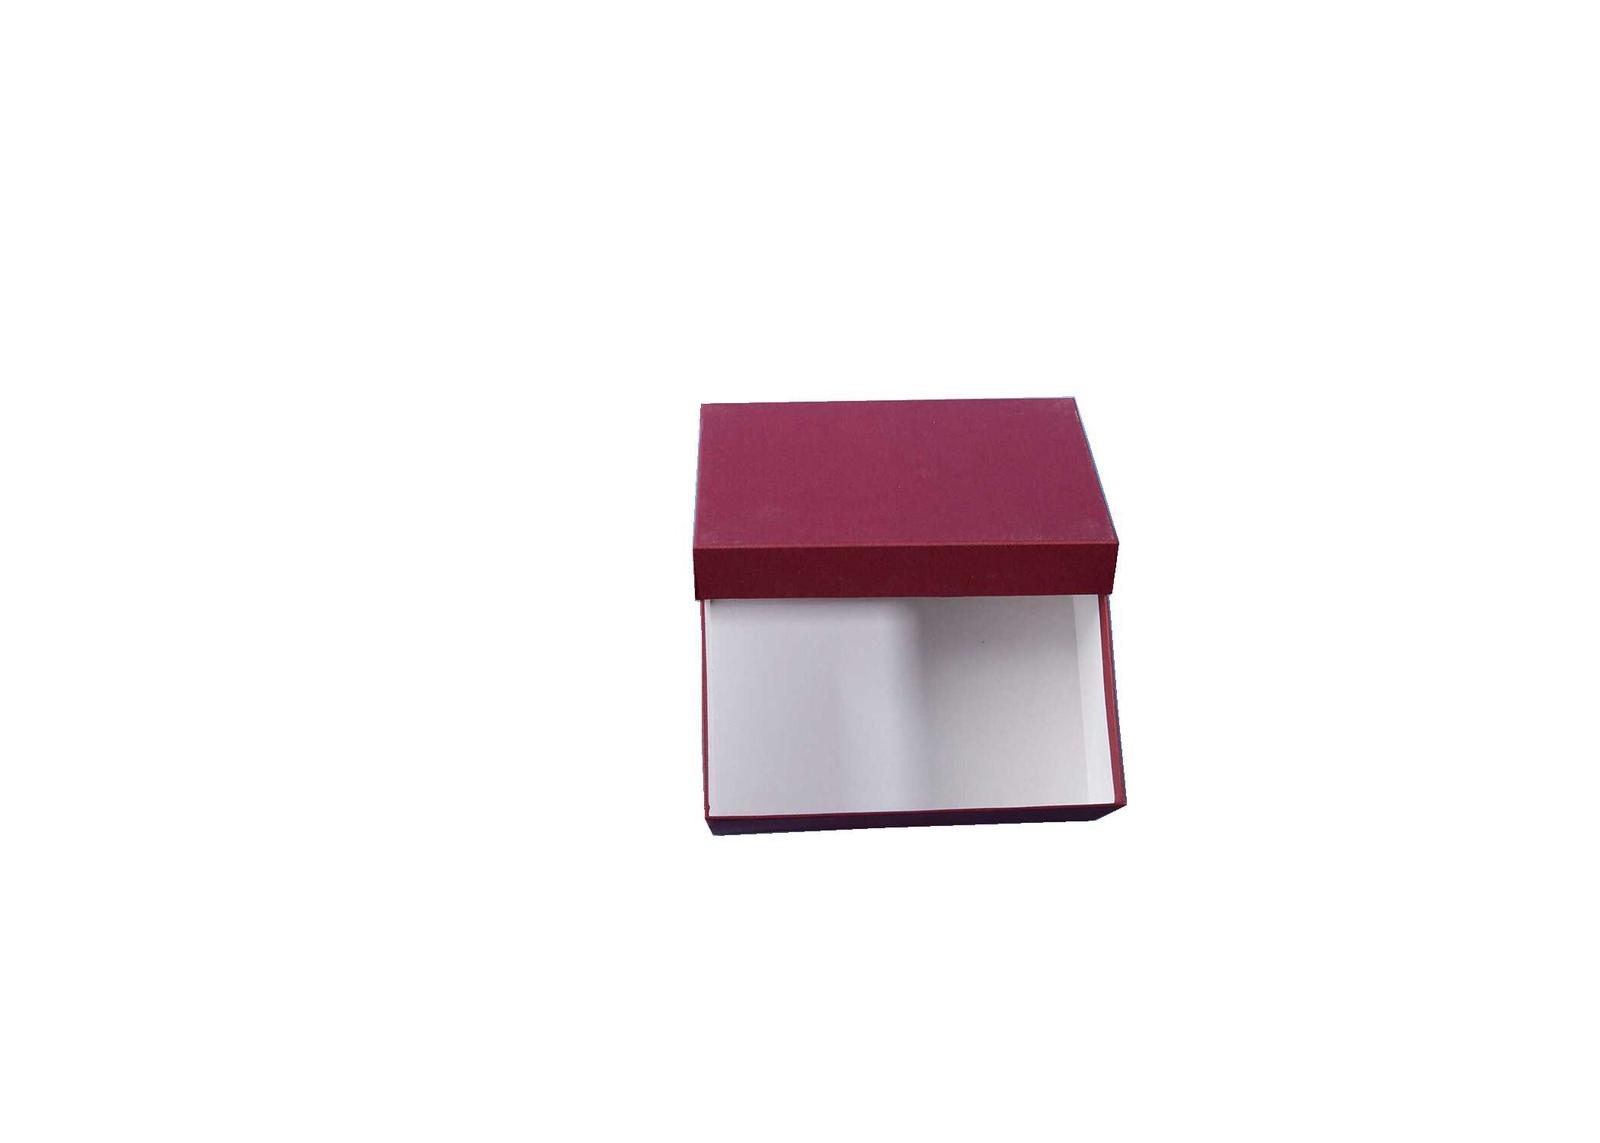 где купить Подарочная упаковка paparforhappy Подарочная коробка, красный по лучшей цене